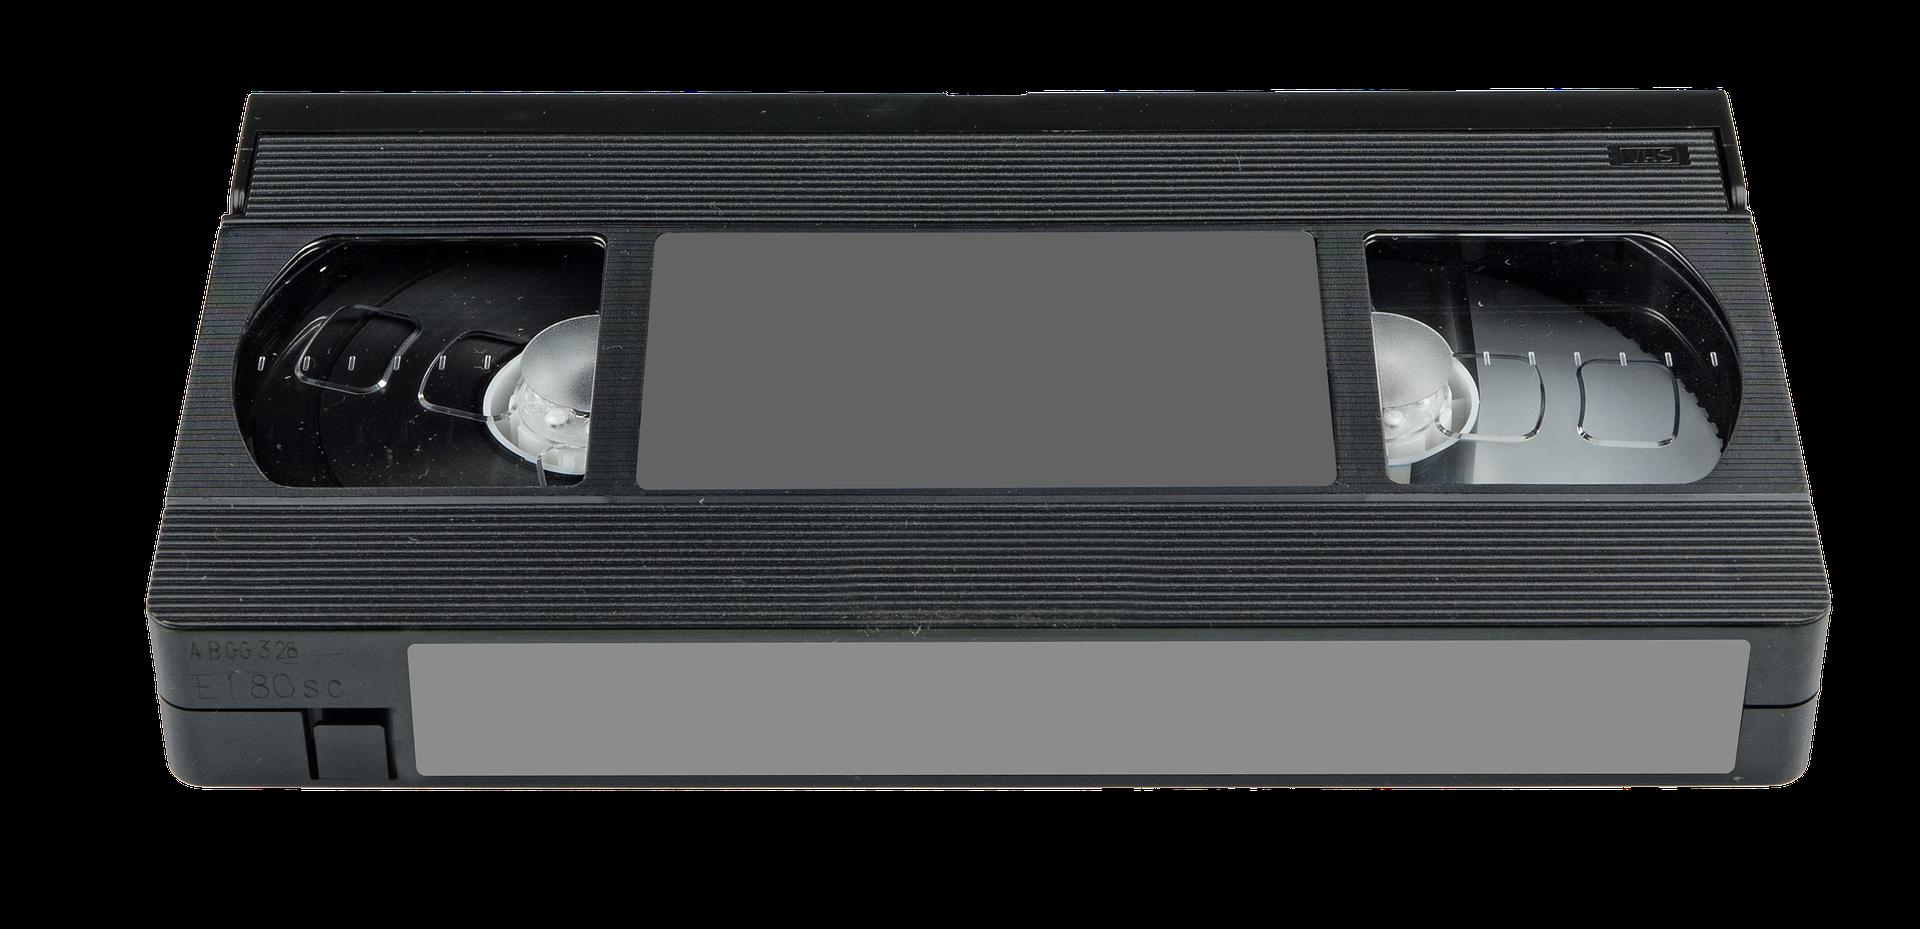 Videokassette VHS